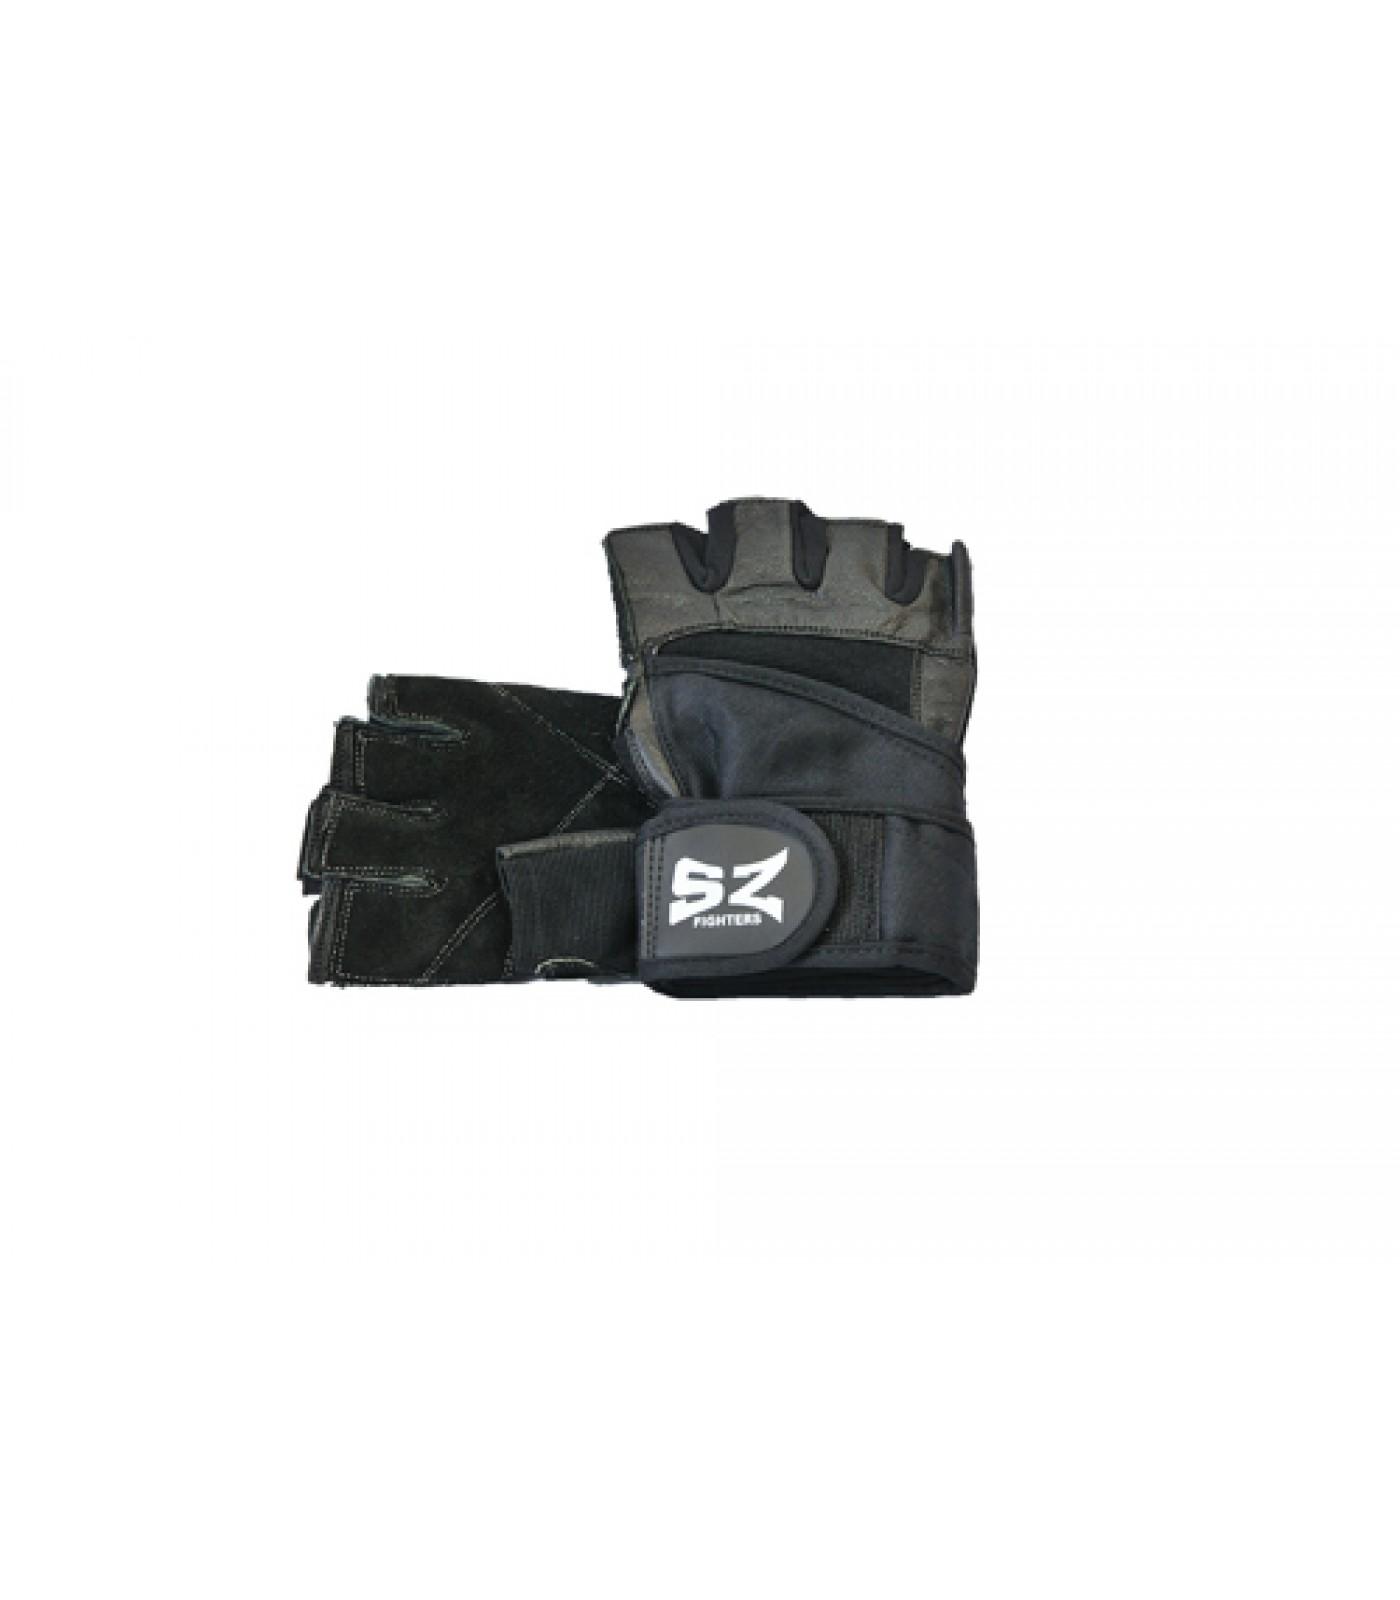 SZ Fighters - Фитнес ръкавици с накитник - черни